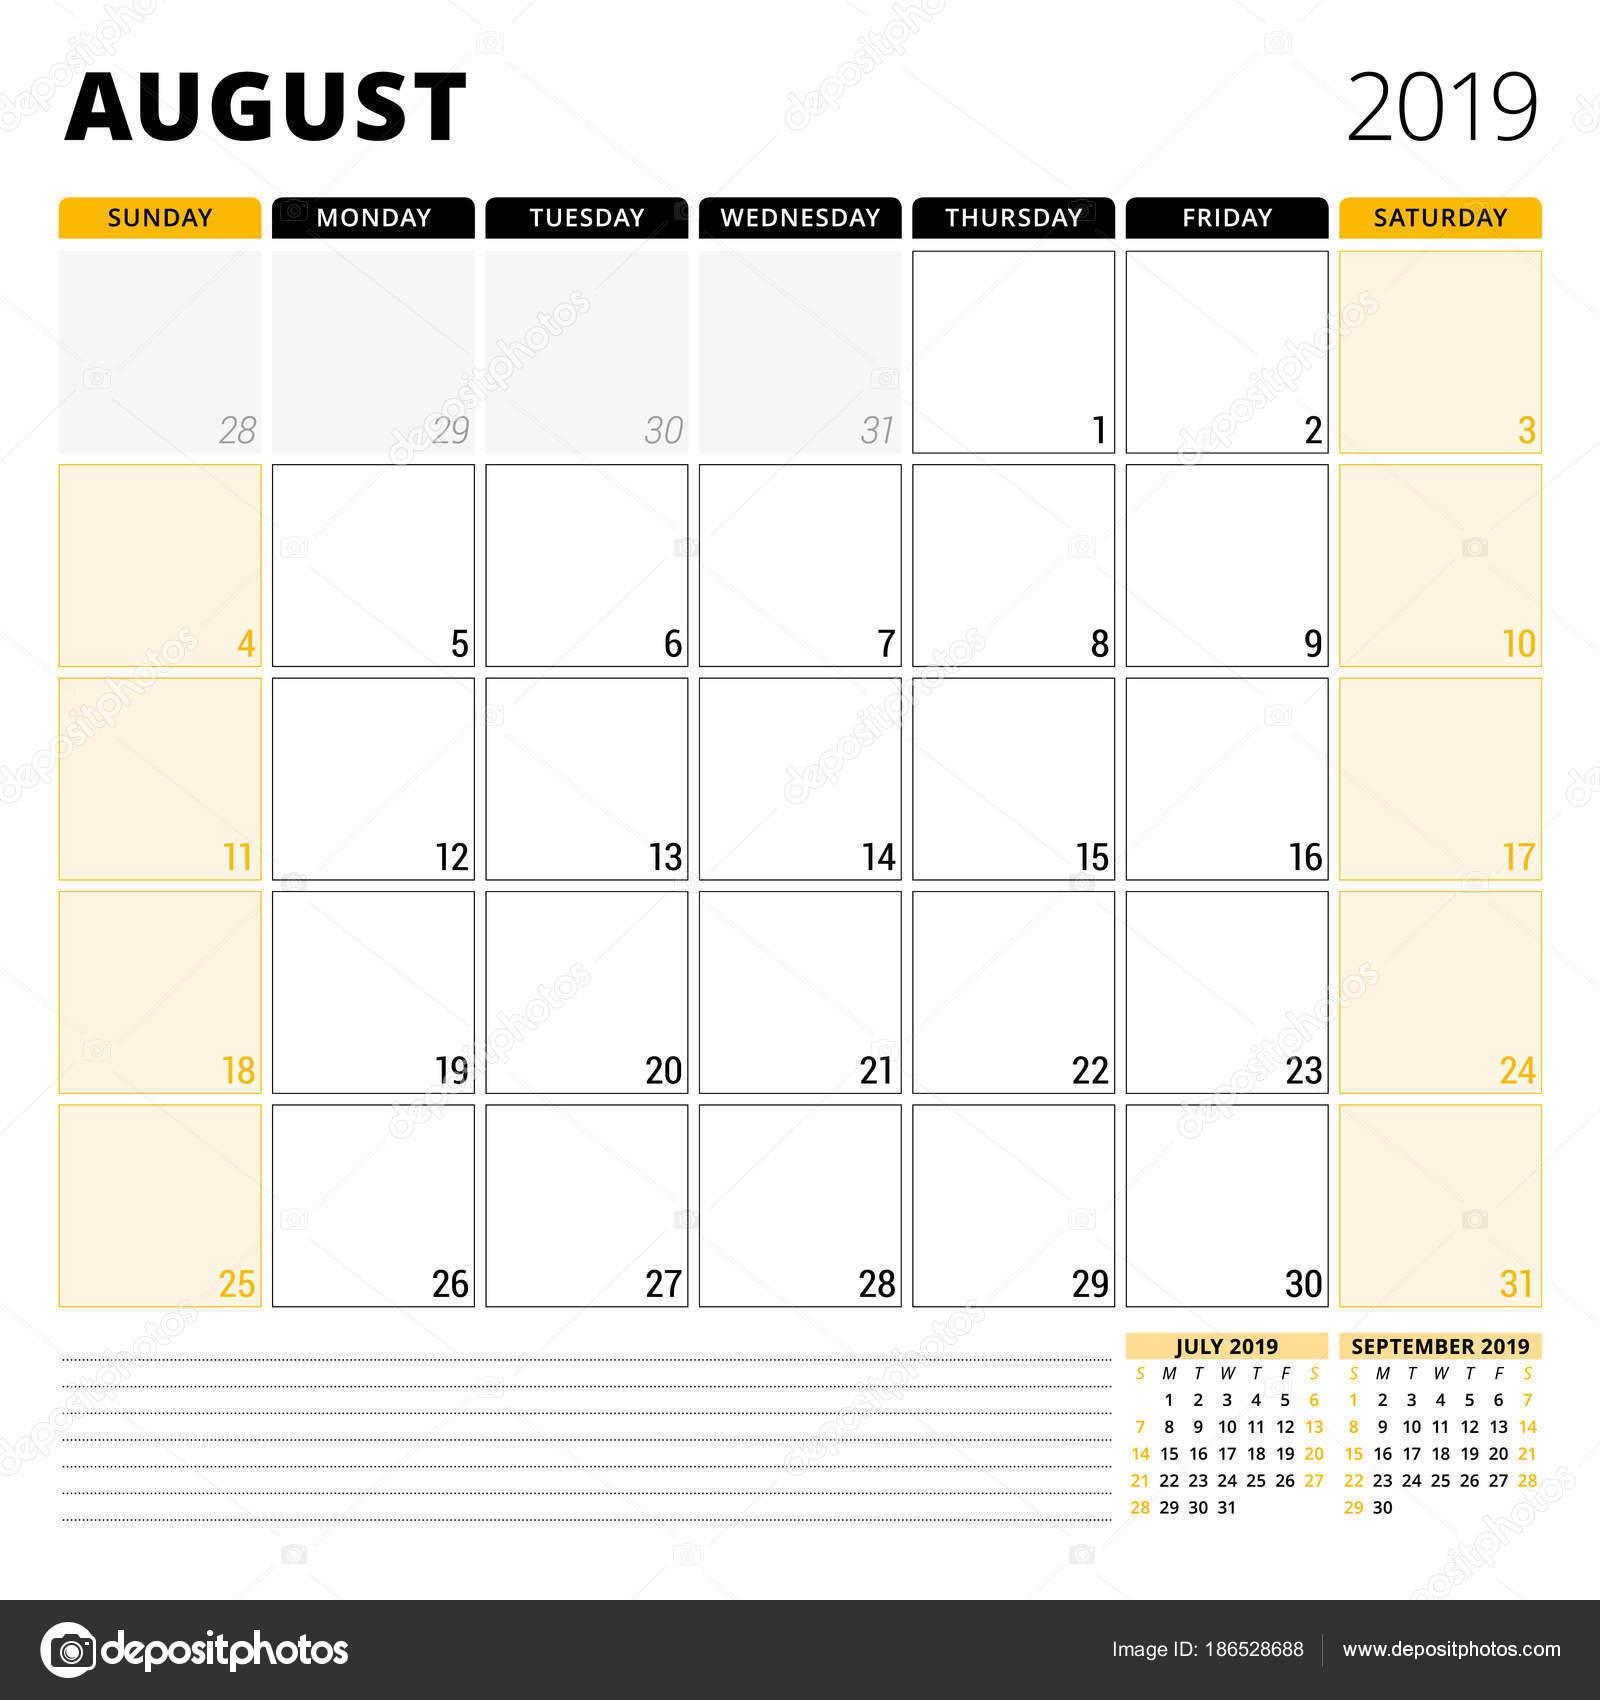 Calendrier Mois Aout 2019.Calendrier Agenda Pour Aout 2019 Modele De Conception D